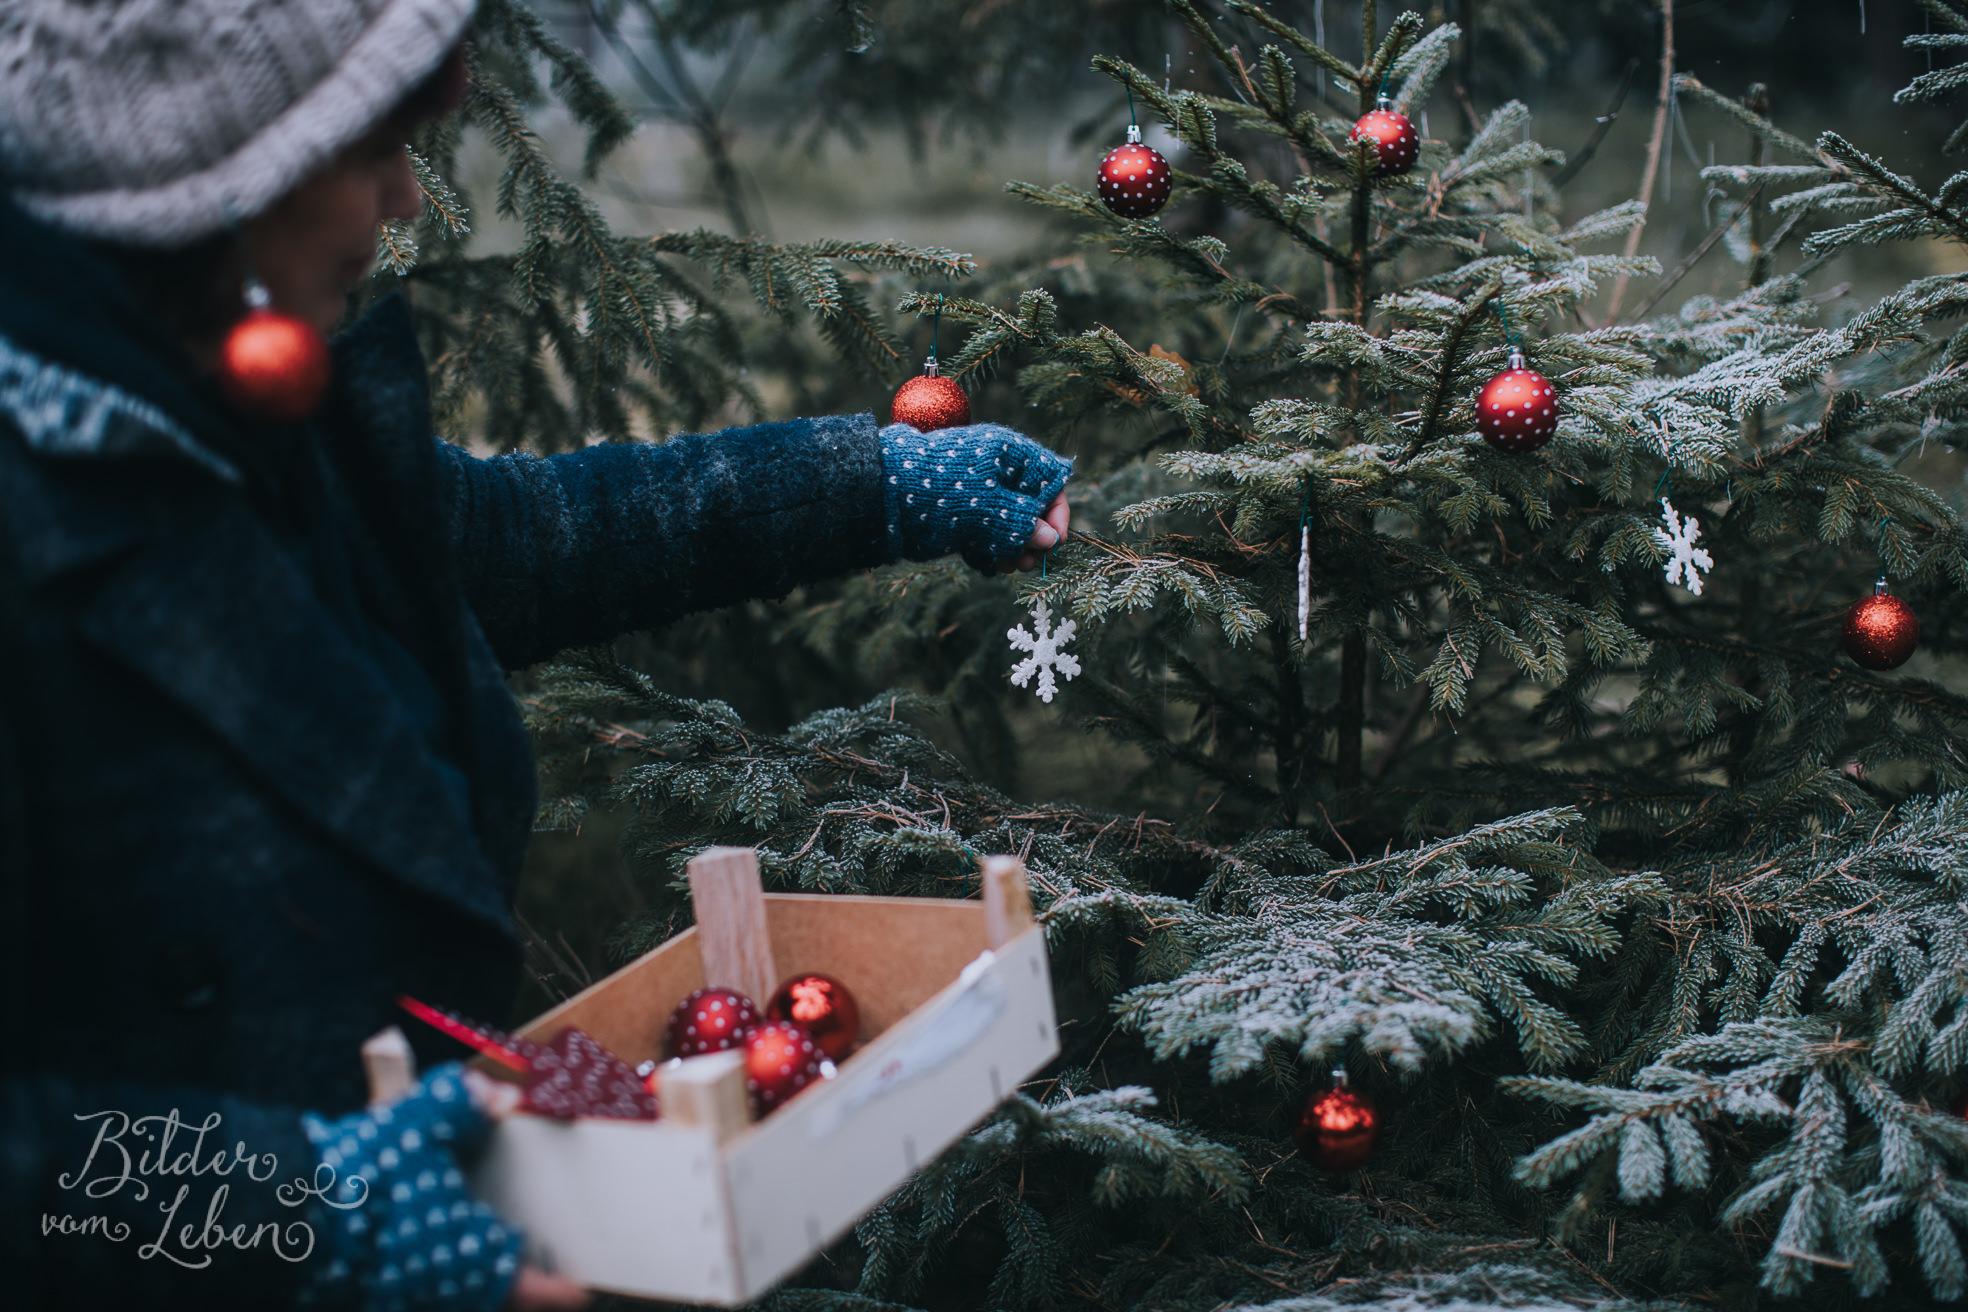 0035weihnachten-bildervomleben-imc39629